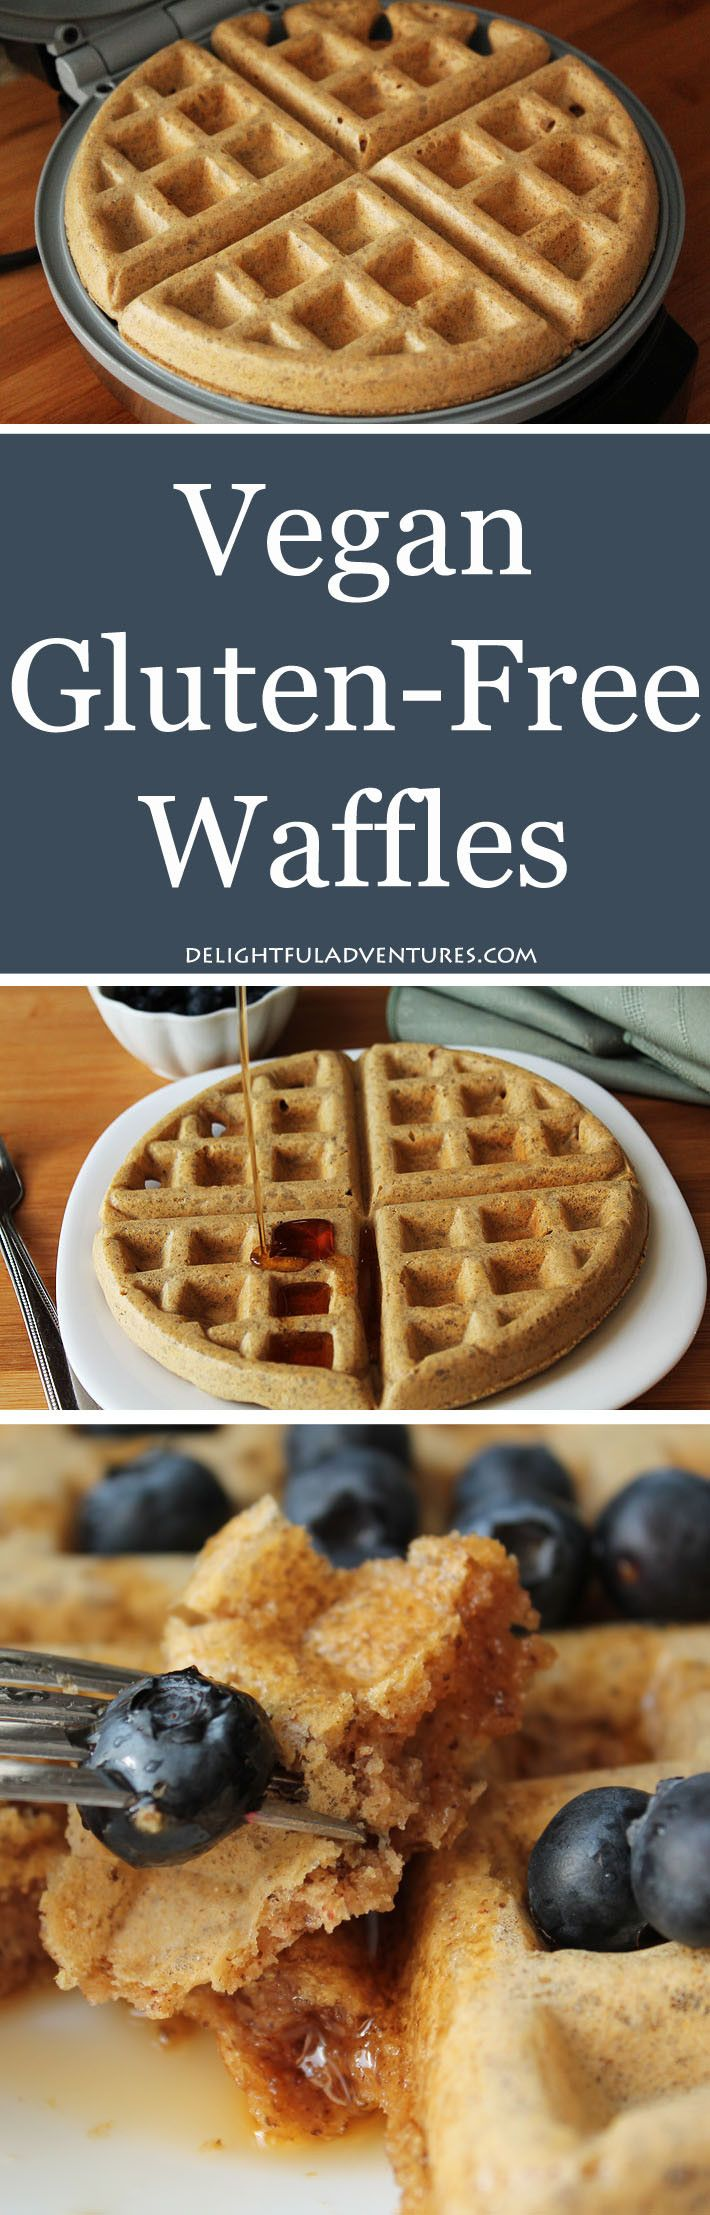 Easy Vegan Gluten-Free Waffles | #Waffles #Breakfast